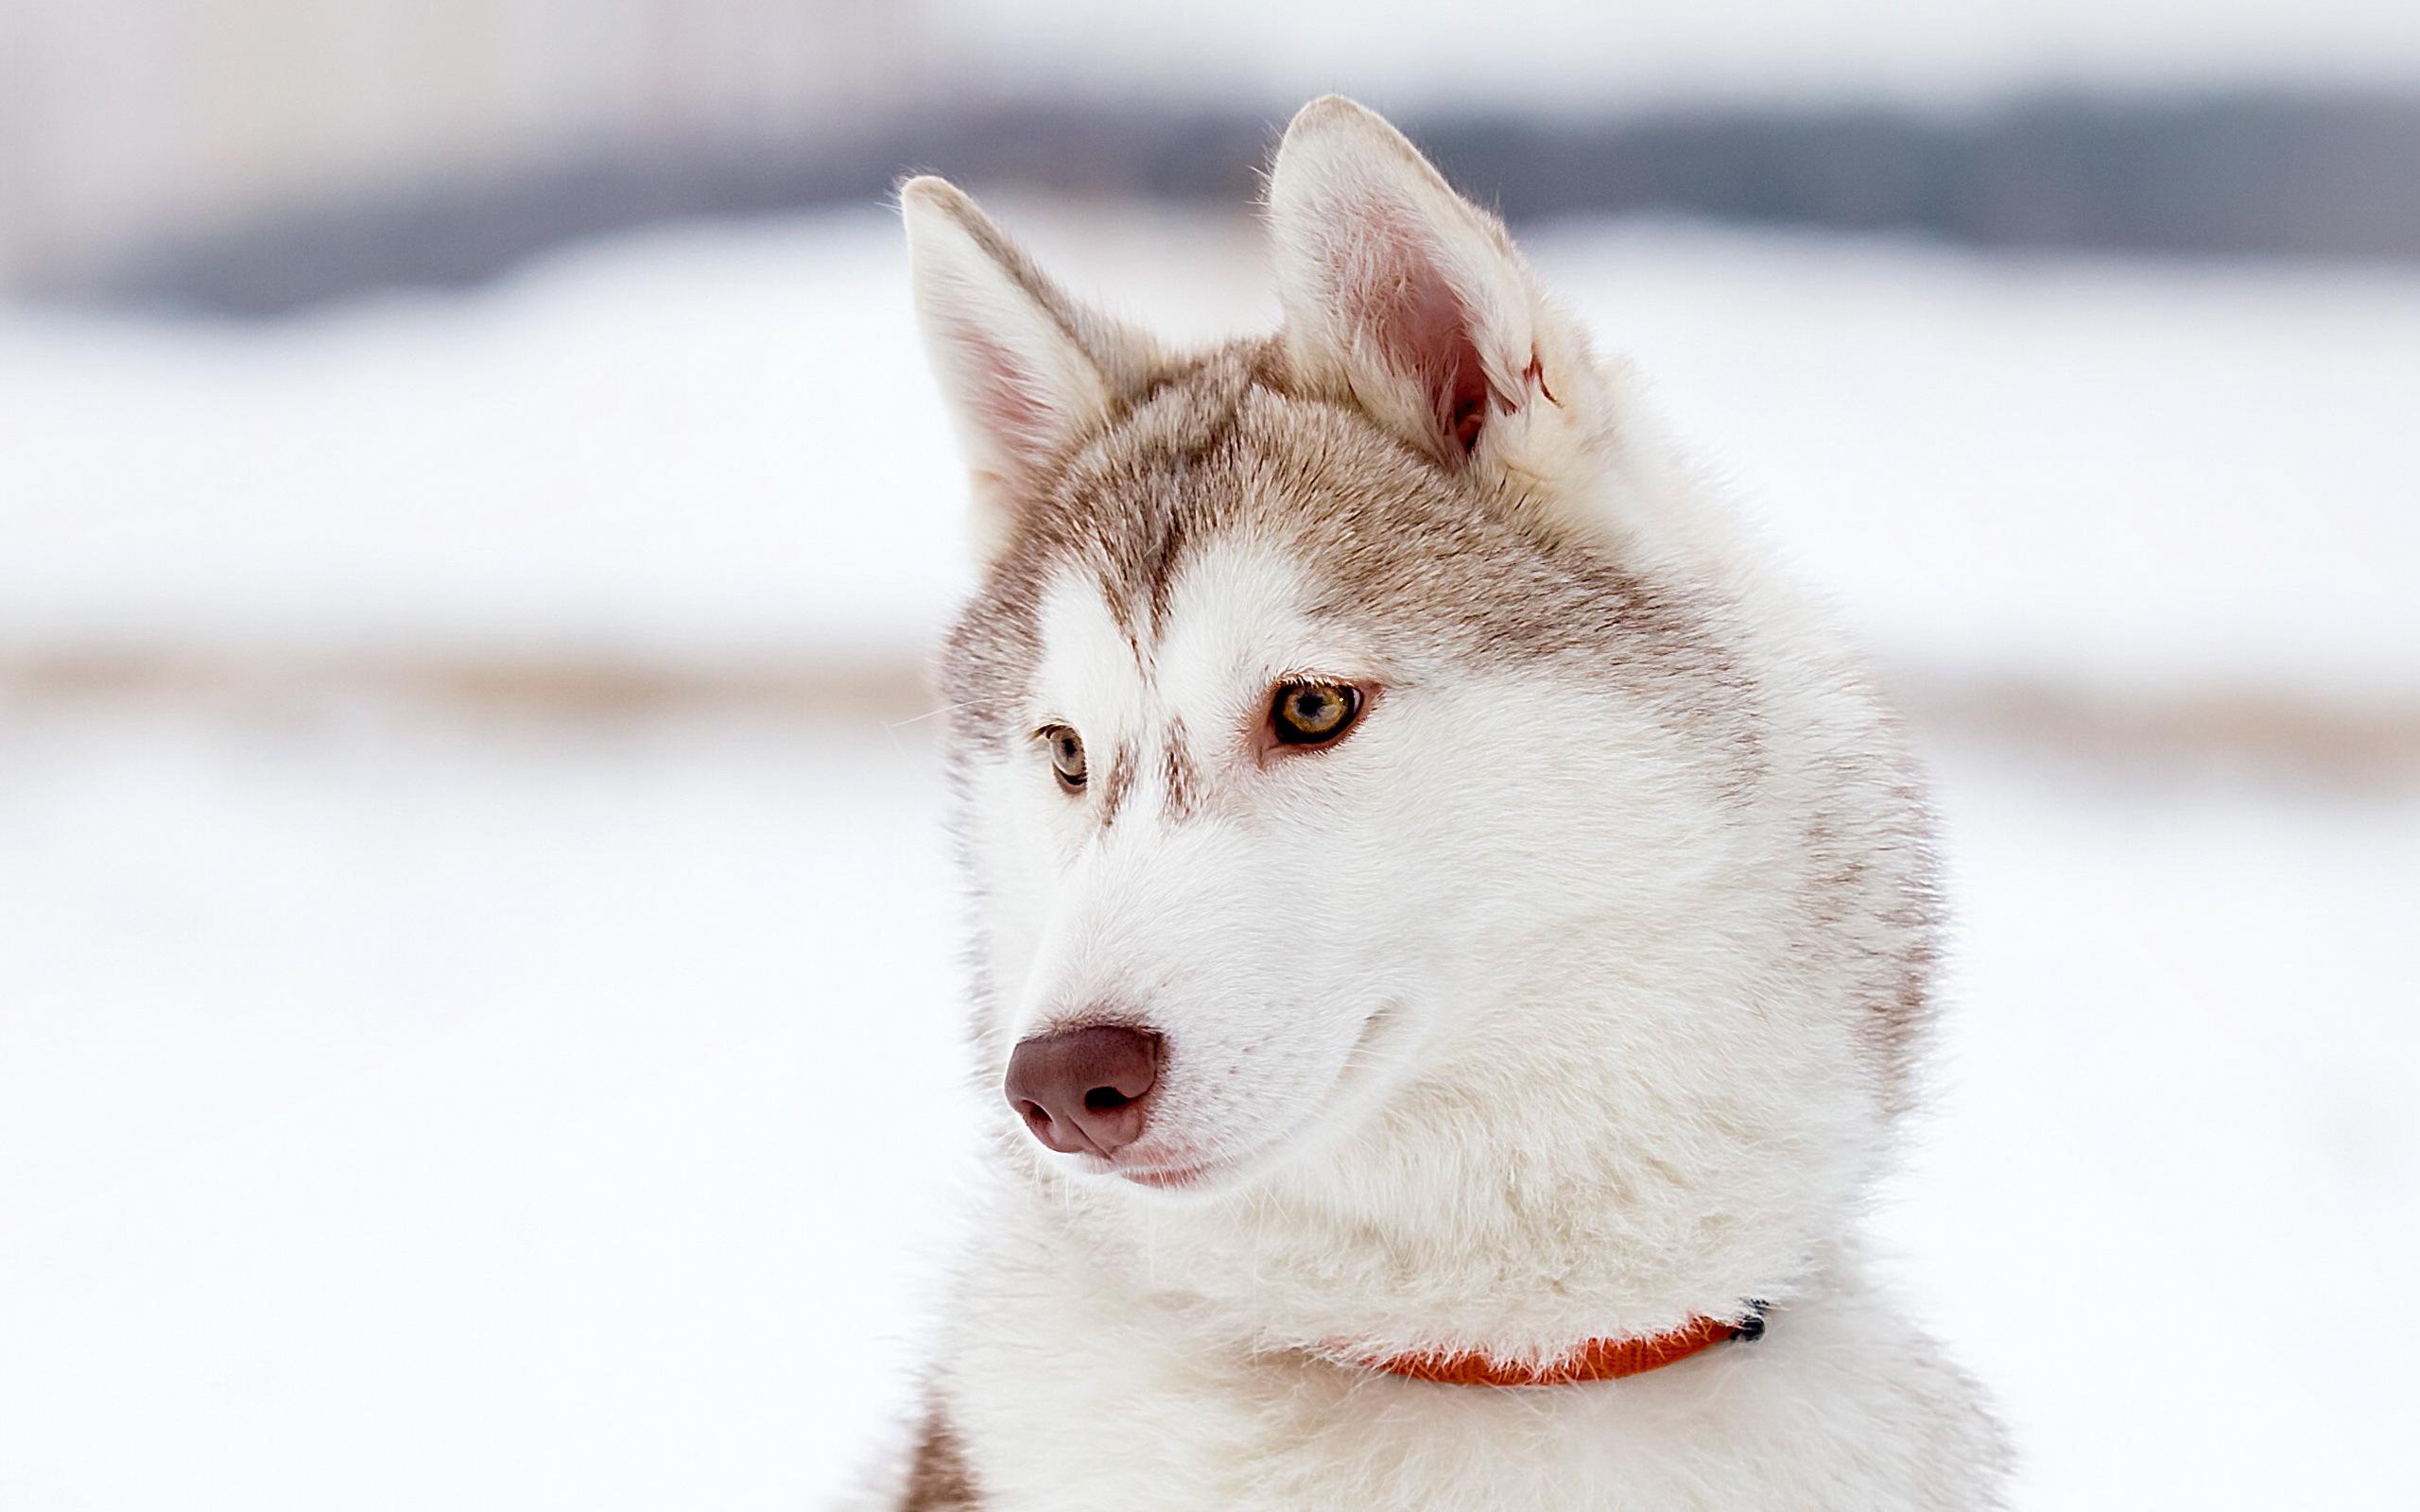 животное собака мару  № 2018157 бесплатно